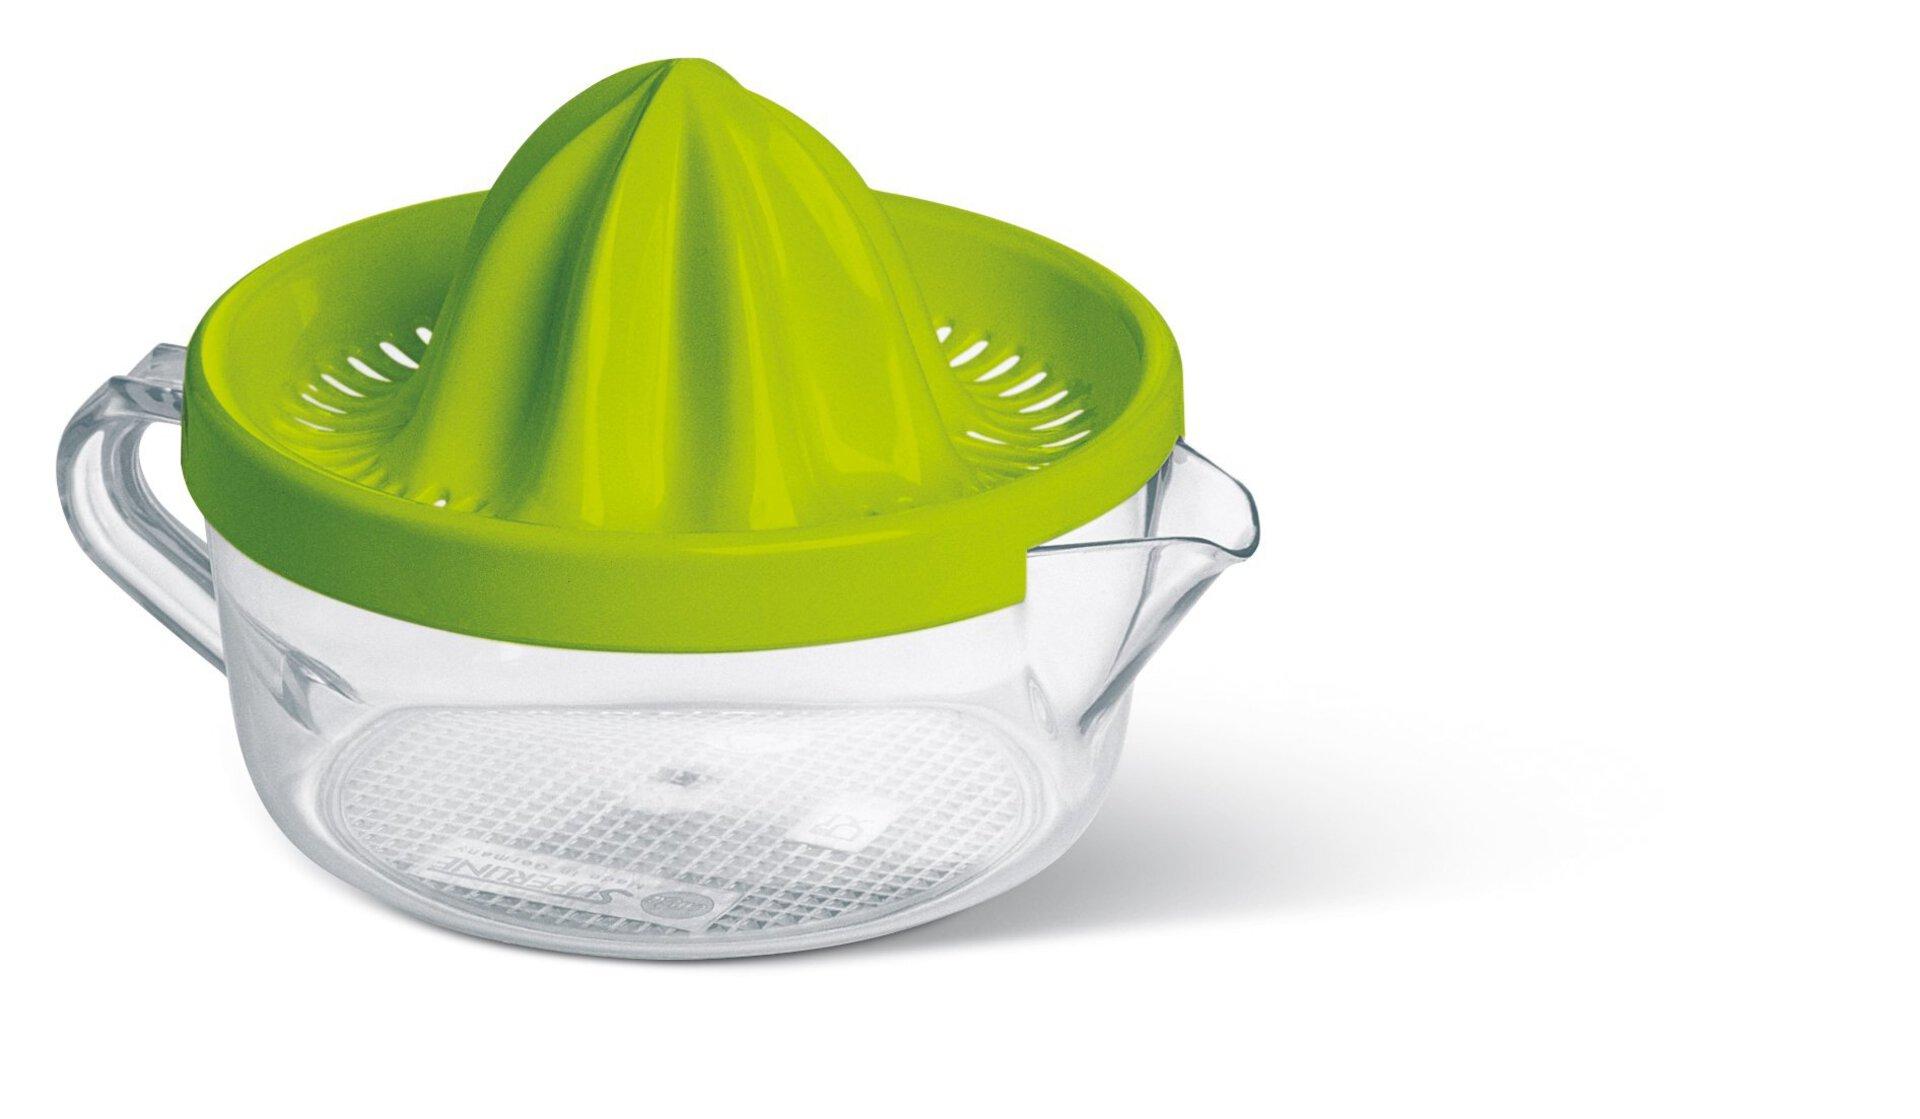 Küchenzubehör Superline Emsa Kunststoff